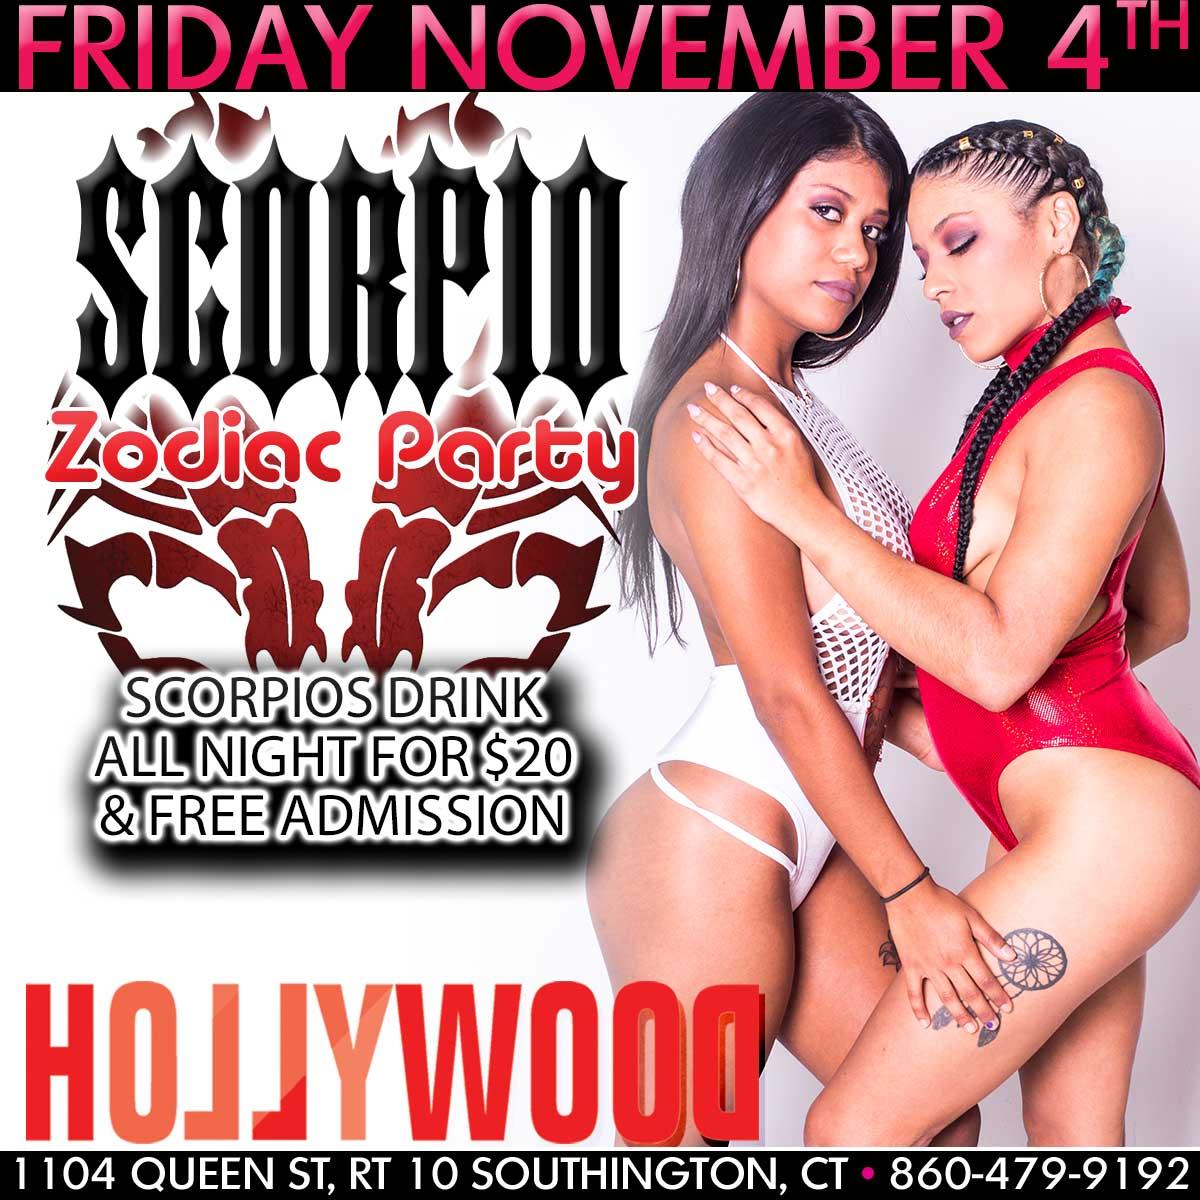 Scorpio Zodiac Party | Hollywood Strip Club Connecticut